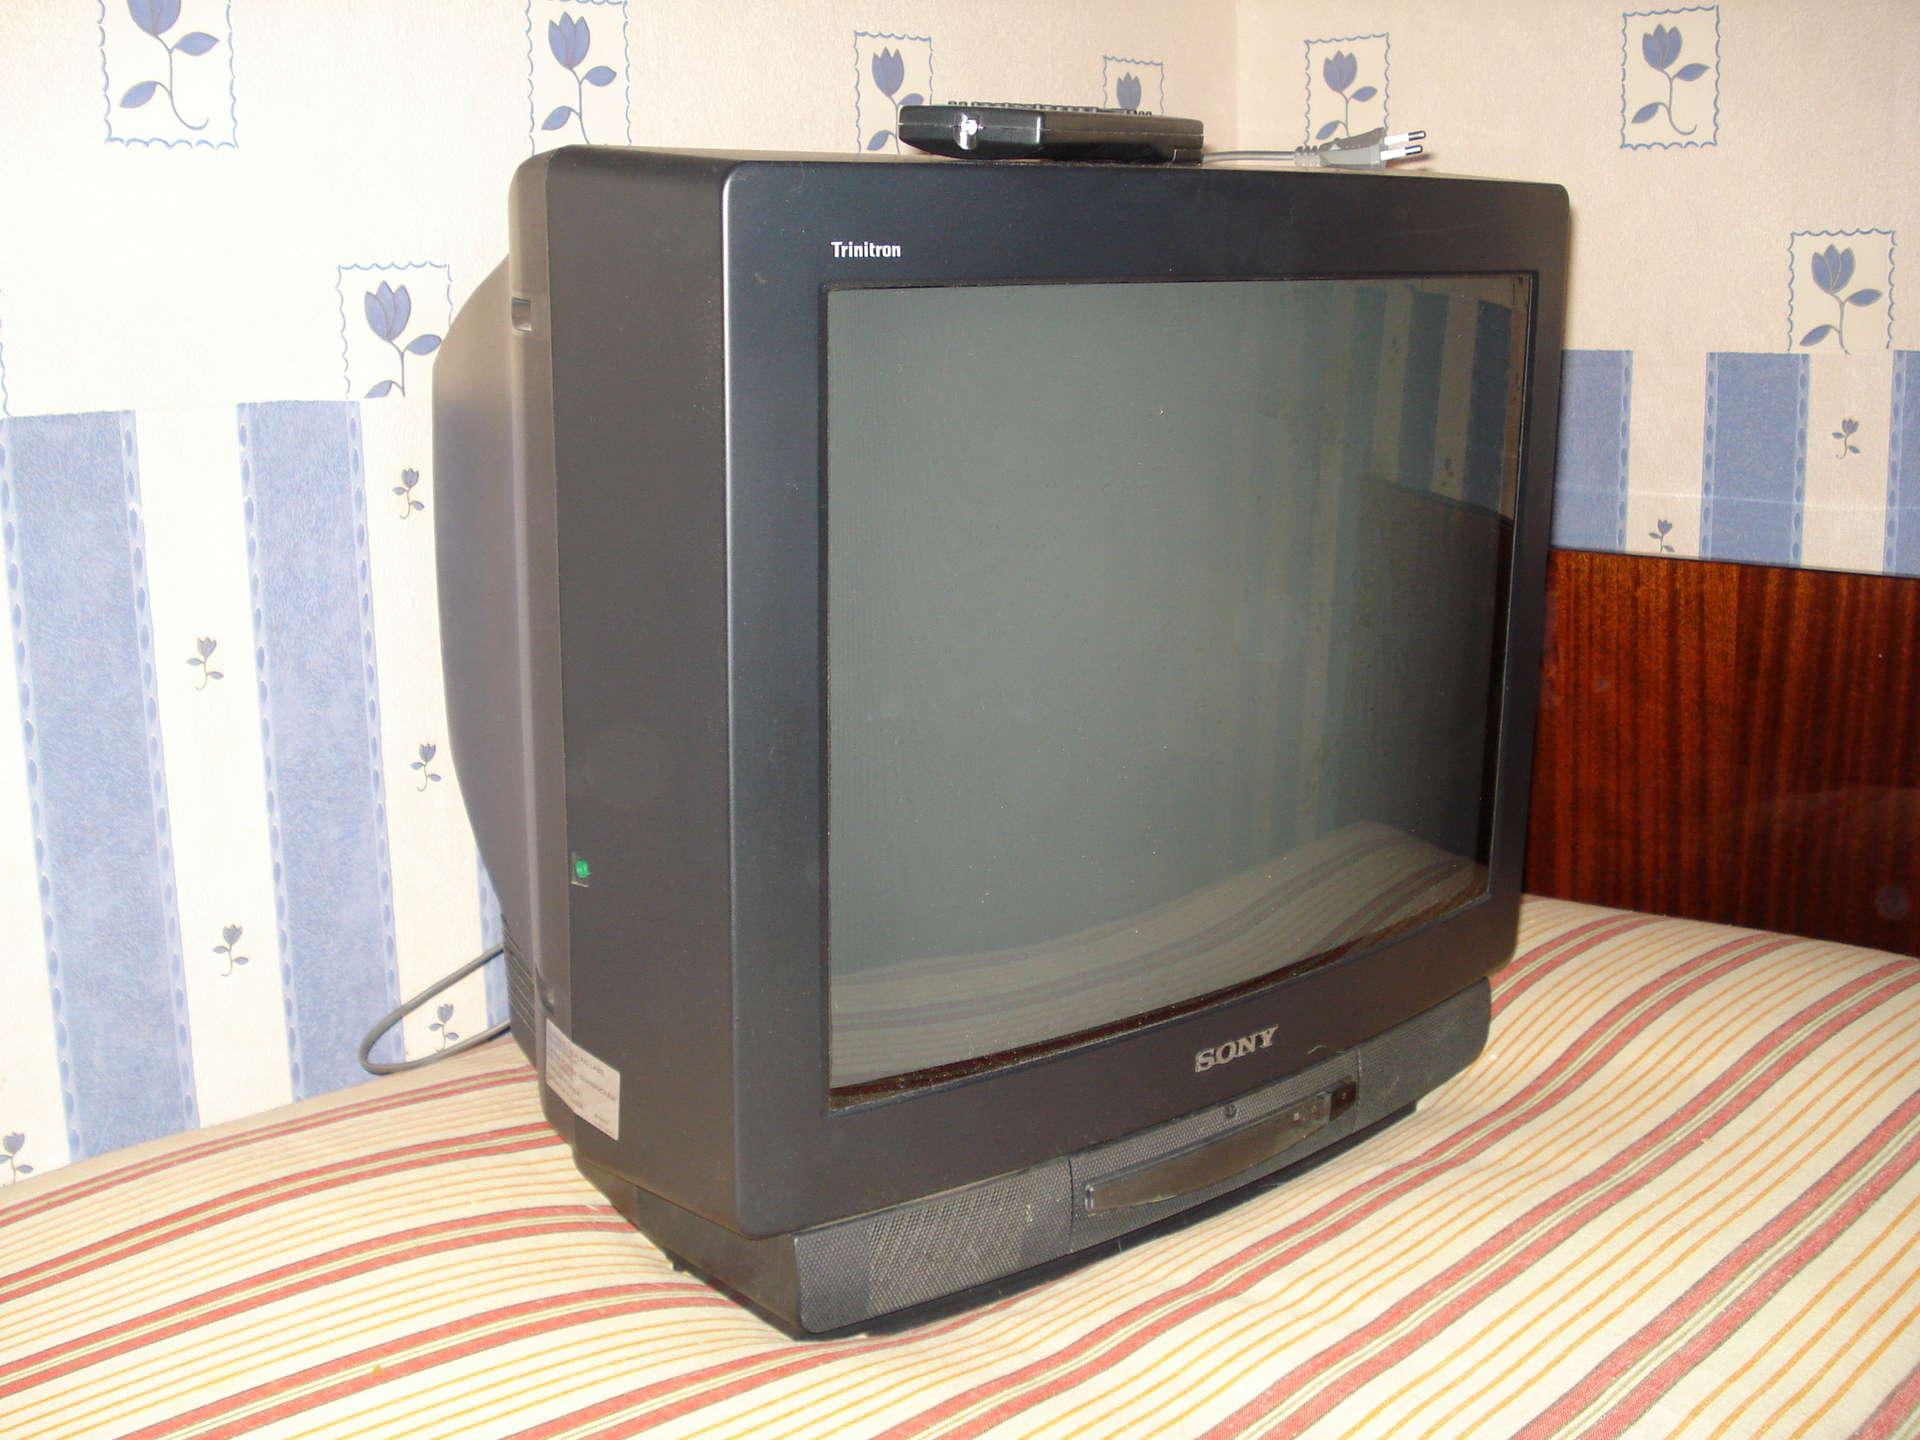 Недорогие телевизоры  купить в Москве в интернет магазине